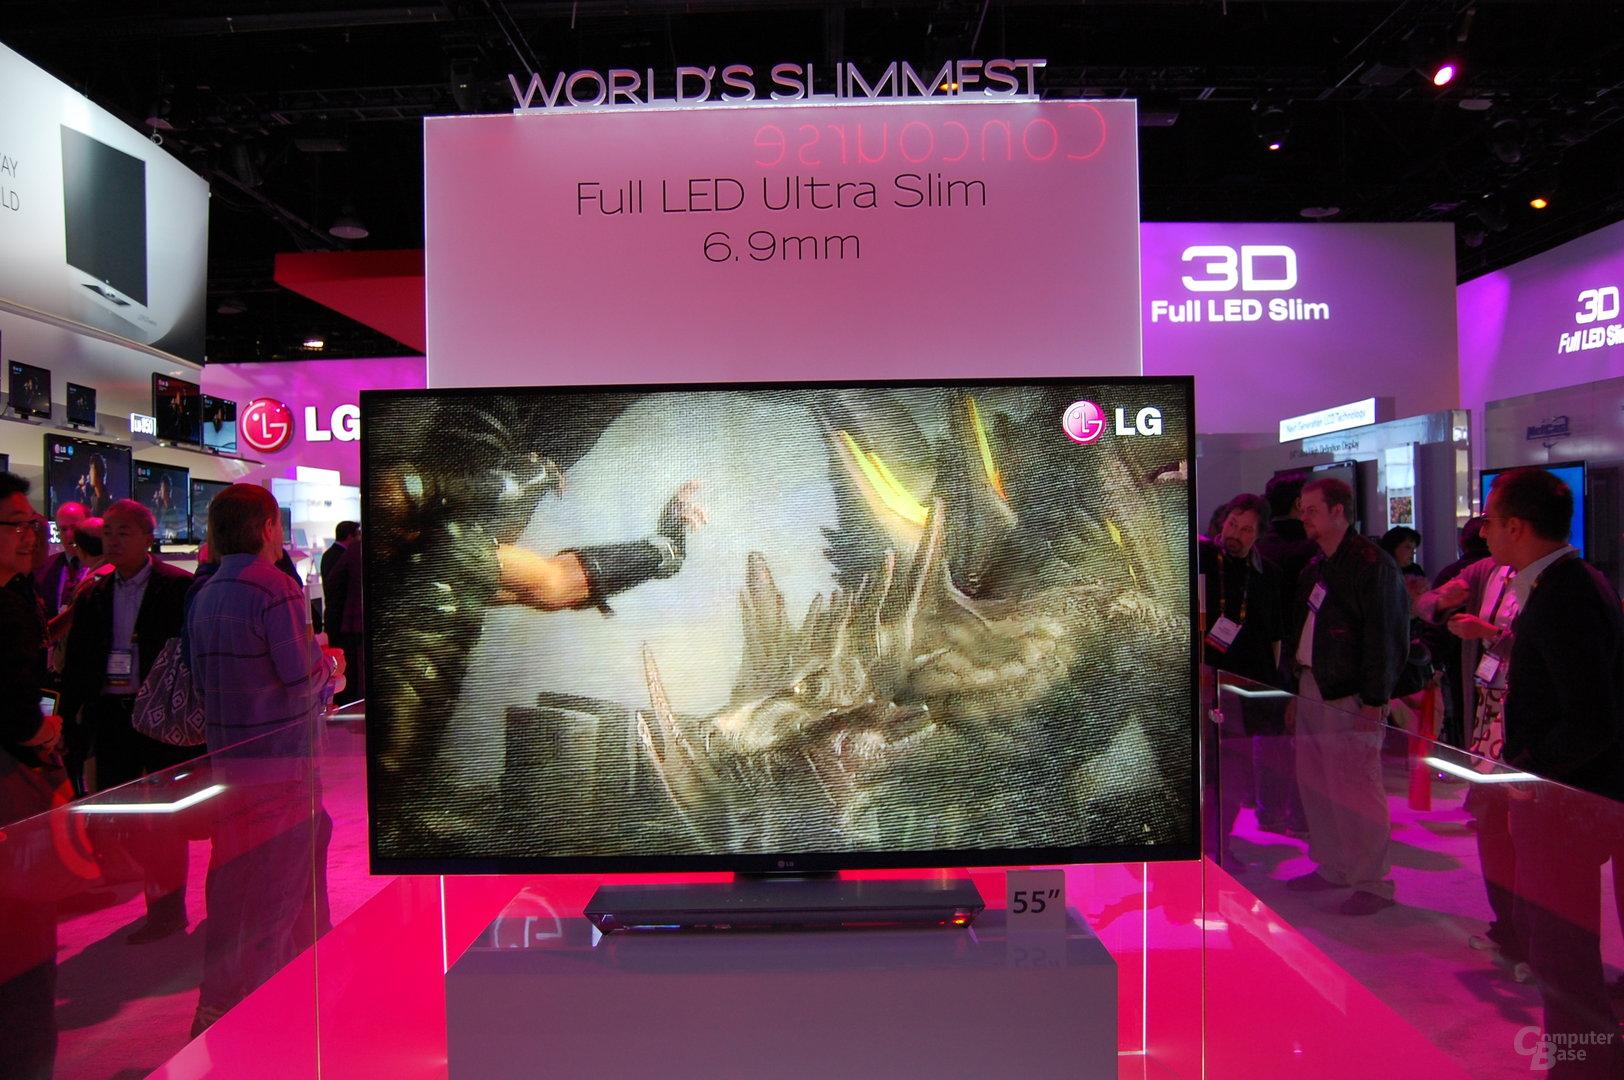 LG LED-TV lediglich 6,9 mm dick